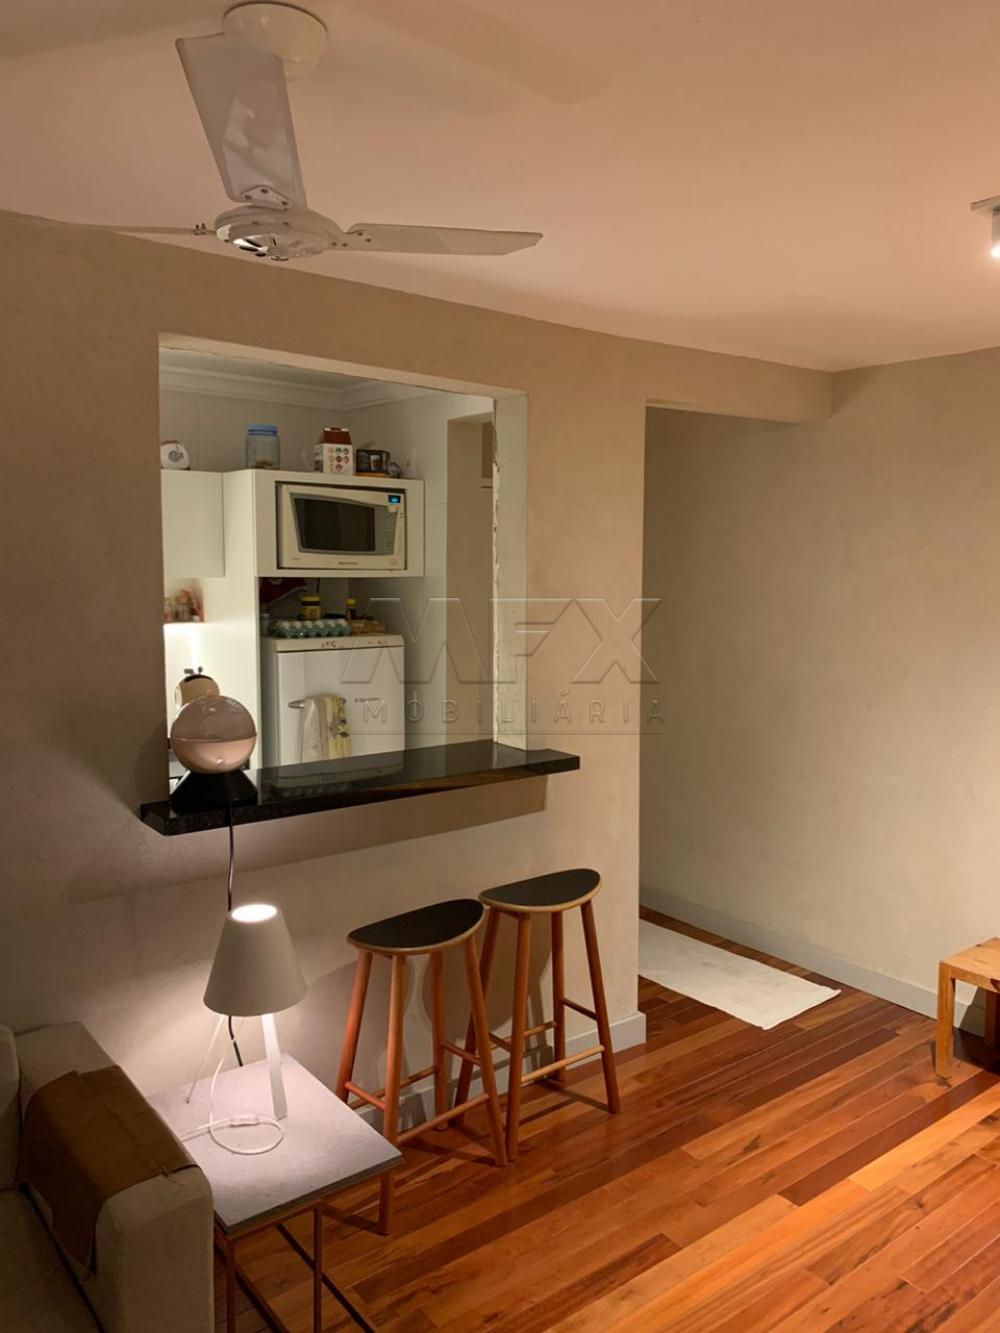 Comprar Apartamento / Padrão em Bauru apenas R$ 155.000,00 - Foto 8